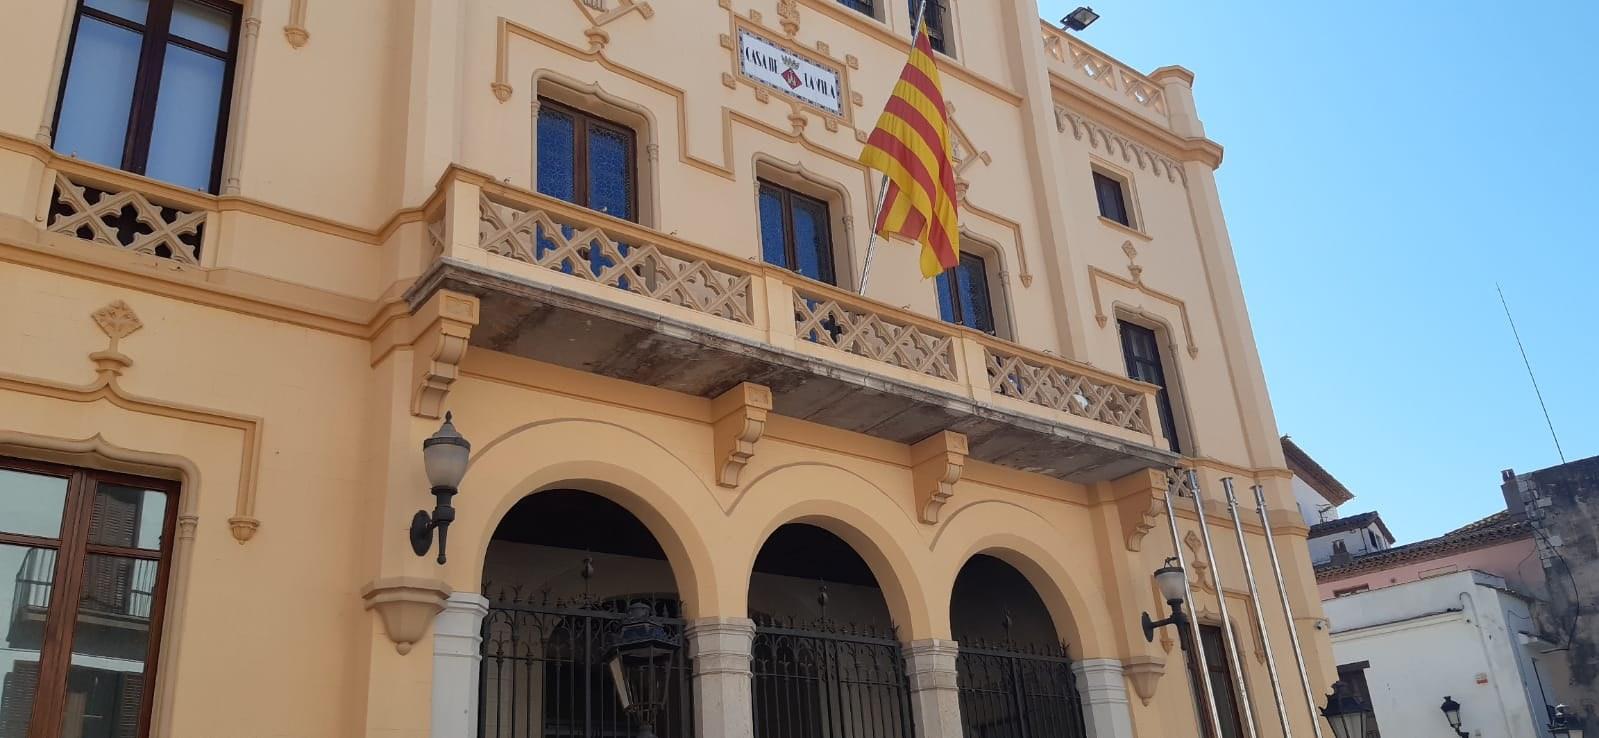 L'Ajuntament de Sitges obre la convocatòria per sol·licitar un nou ajut destinat al foment de l'emprenedoria i l'autoocupació